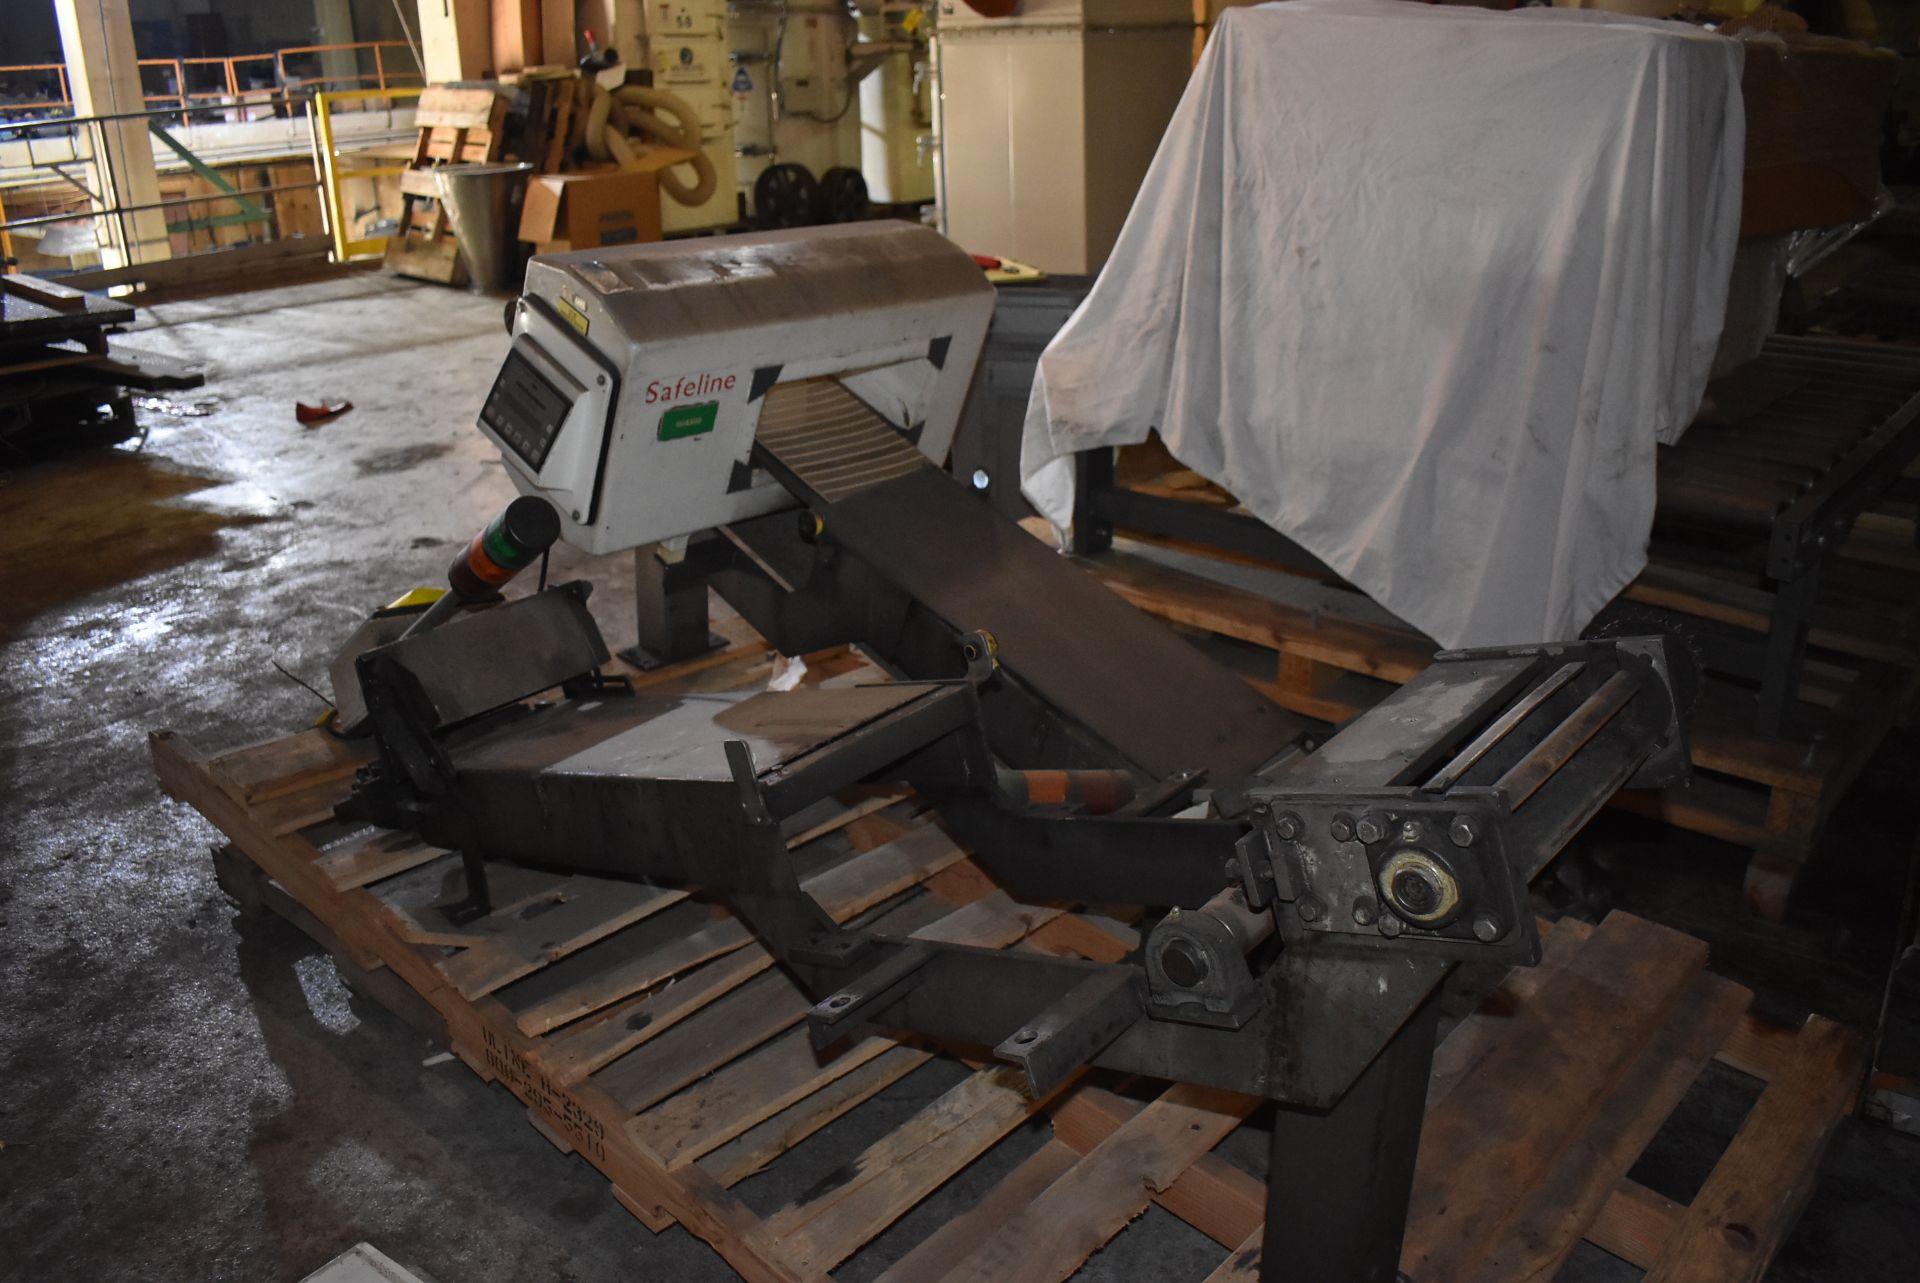 """Safeline Model #031-V2 Metal Detector, 13 1/2"""" x 6"""" Aperture, Includes Section of Conveyor - Image 4 of 4"""